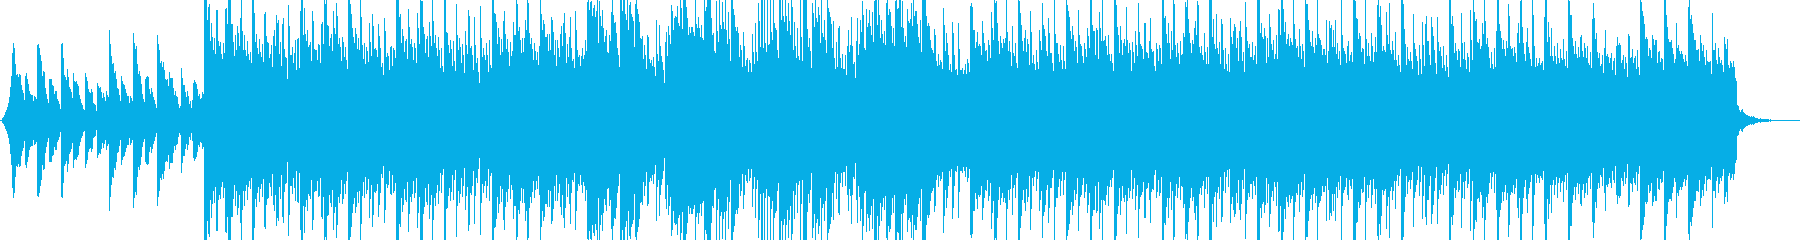 情緒溢れるピアノのヒップホップの再生済みの波形